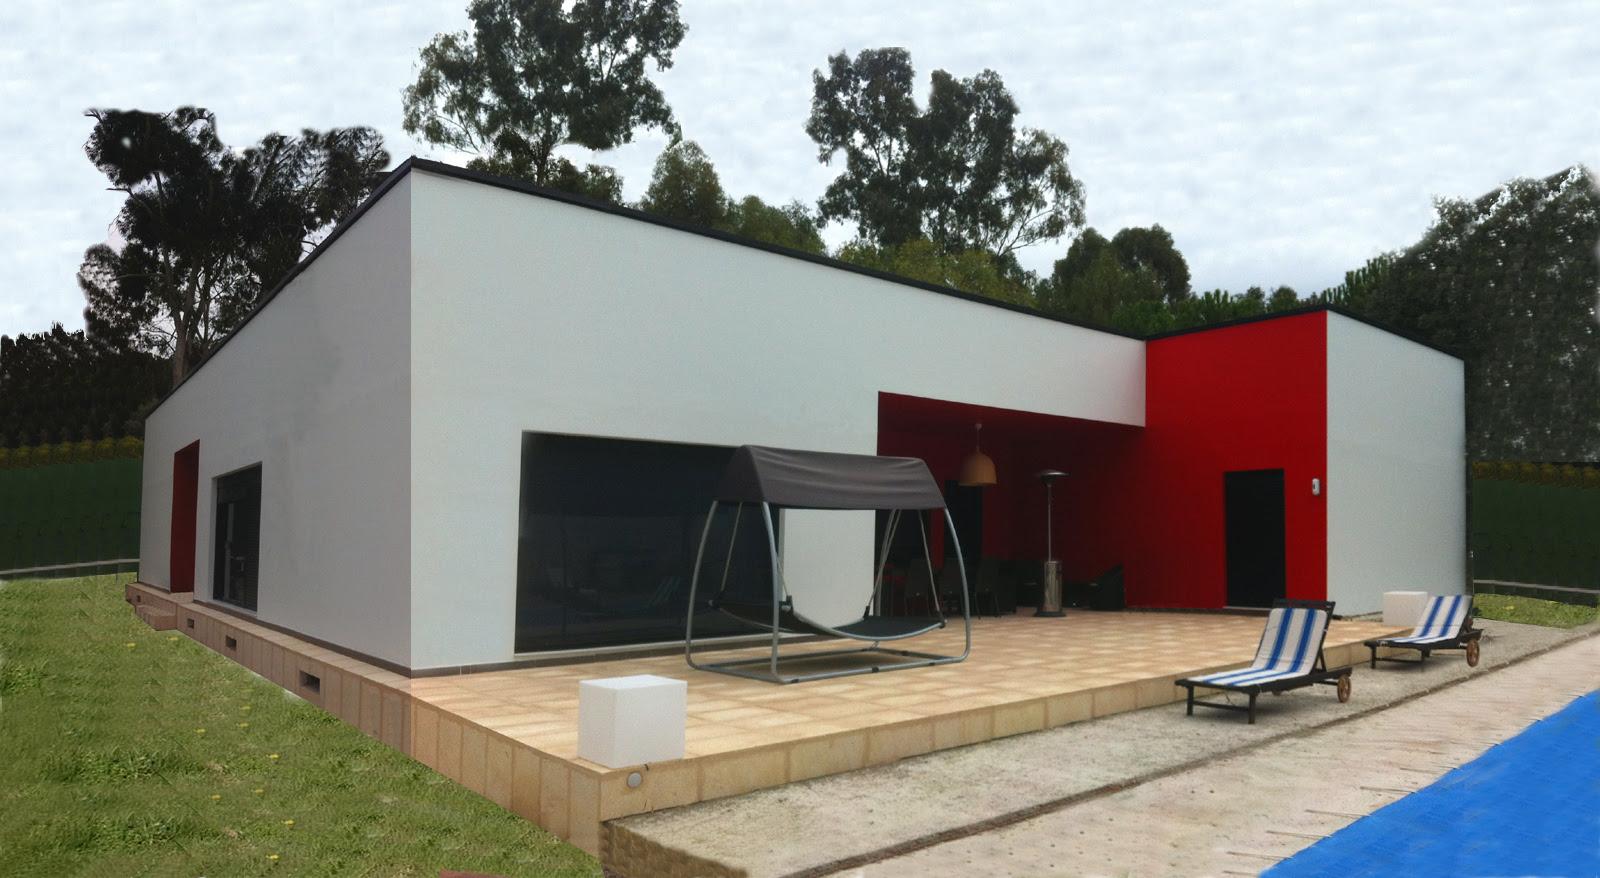 Casas de madera prefabricadas casas de madera y piedra for Casa modelo minimalista